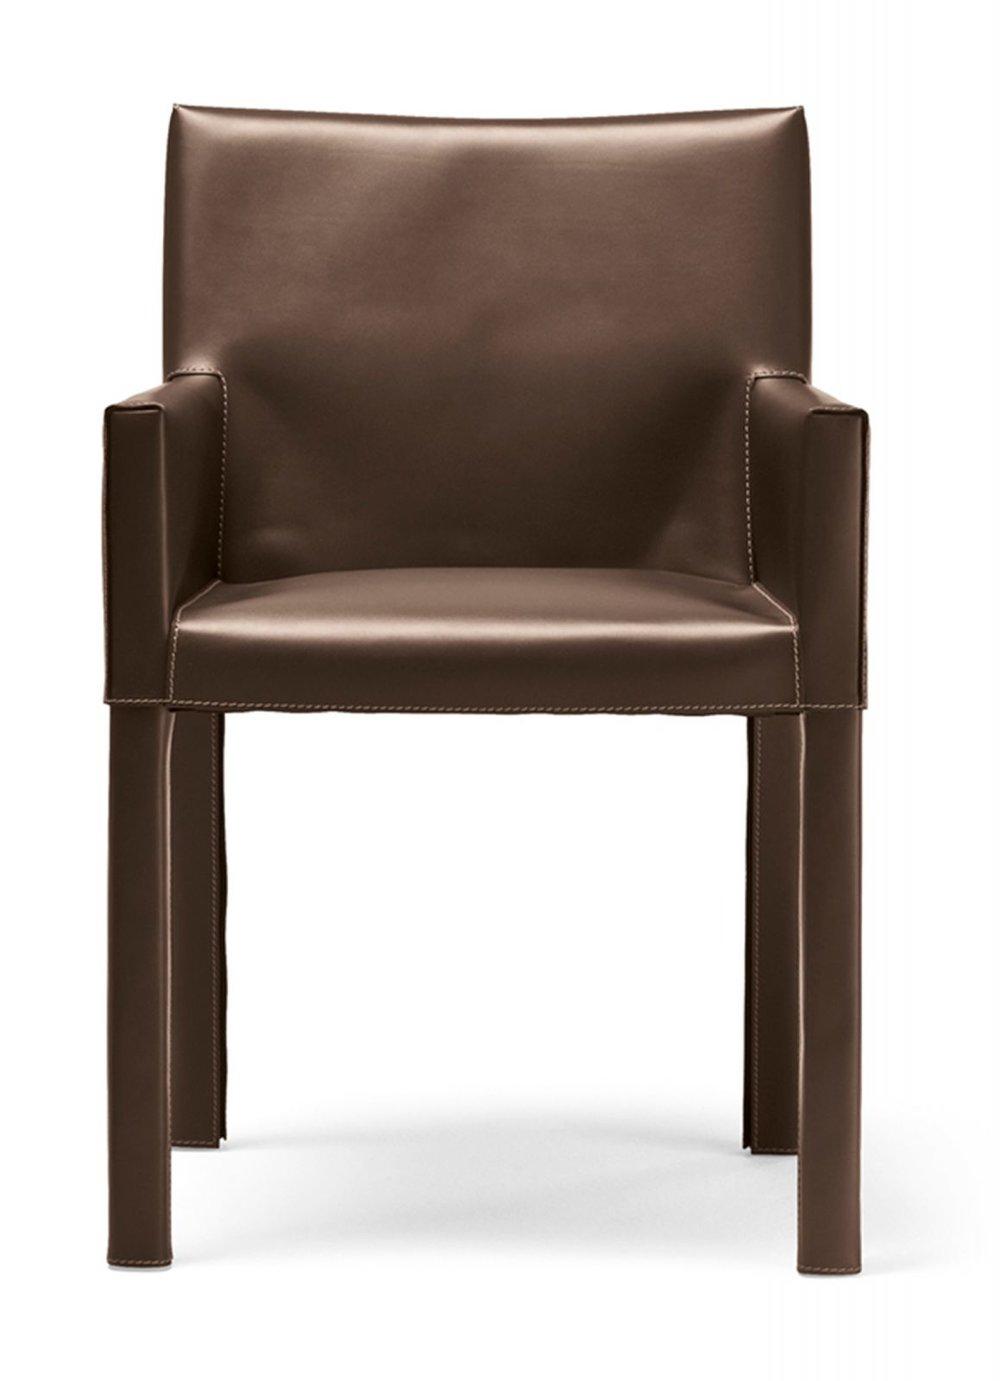 MOF 25 Modern Office Chair